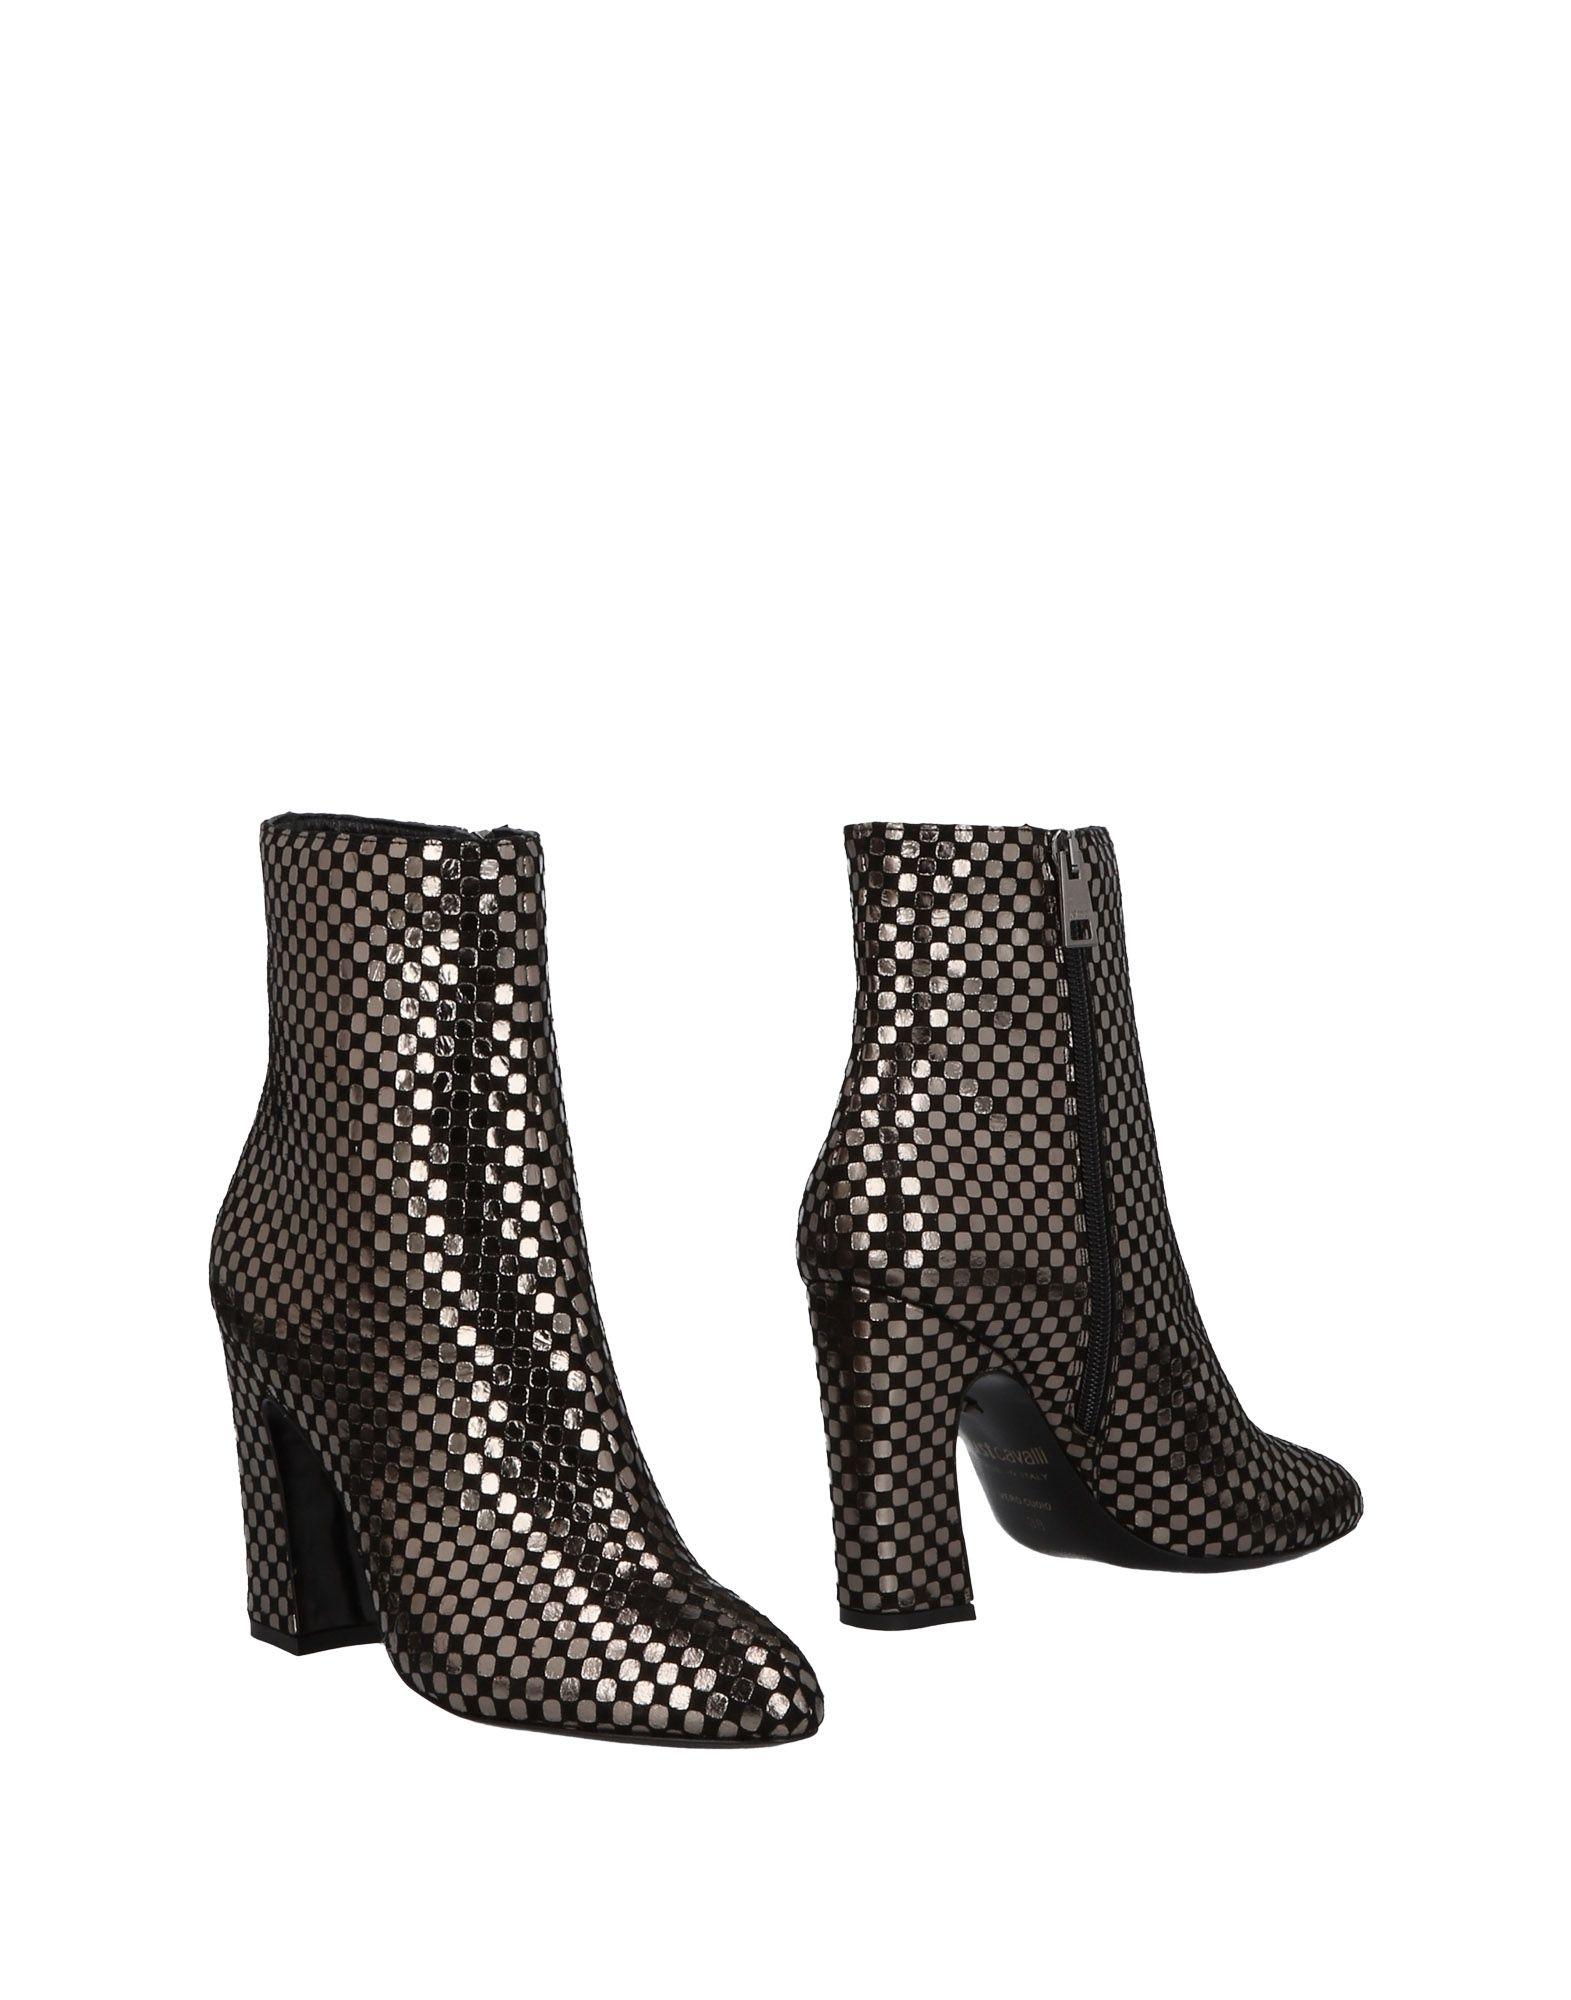 Bottine Just Cavalli Femme - Bottines Just Cavalli Noir Les chaussures les plus populaires pour les hommes et les femmes